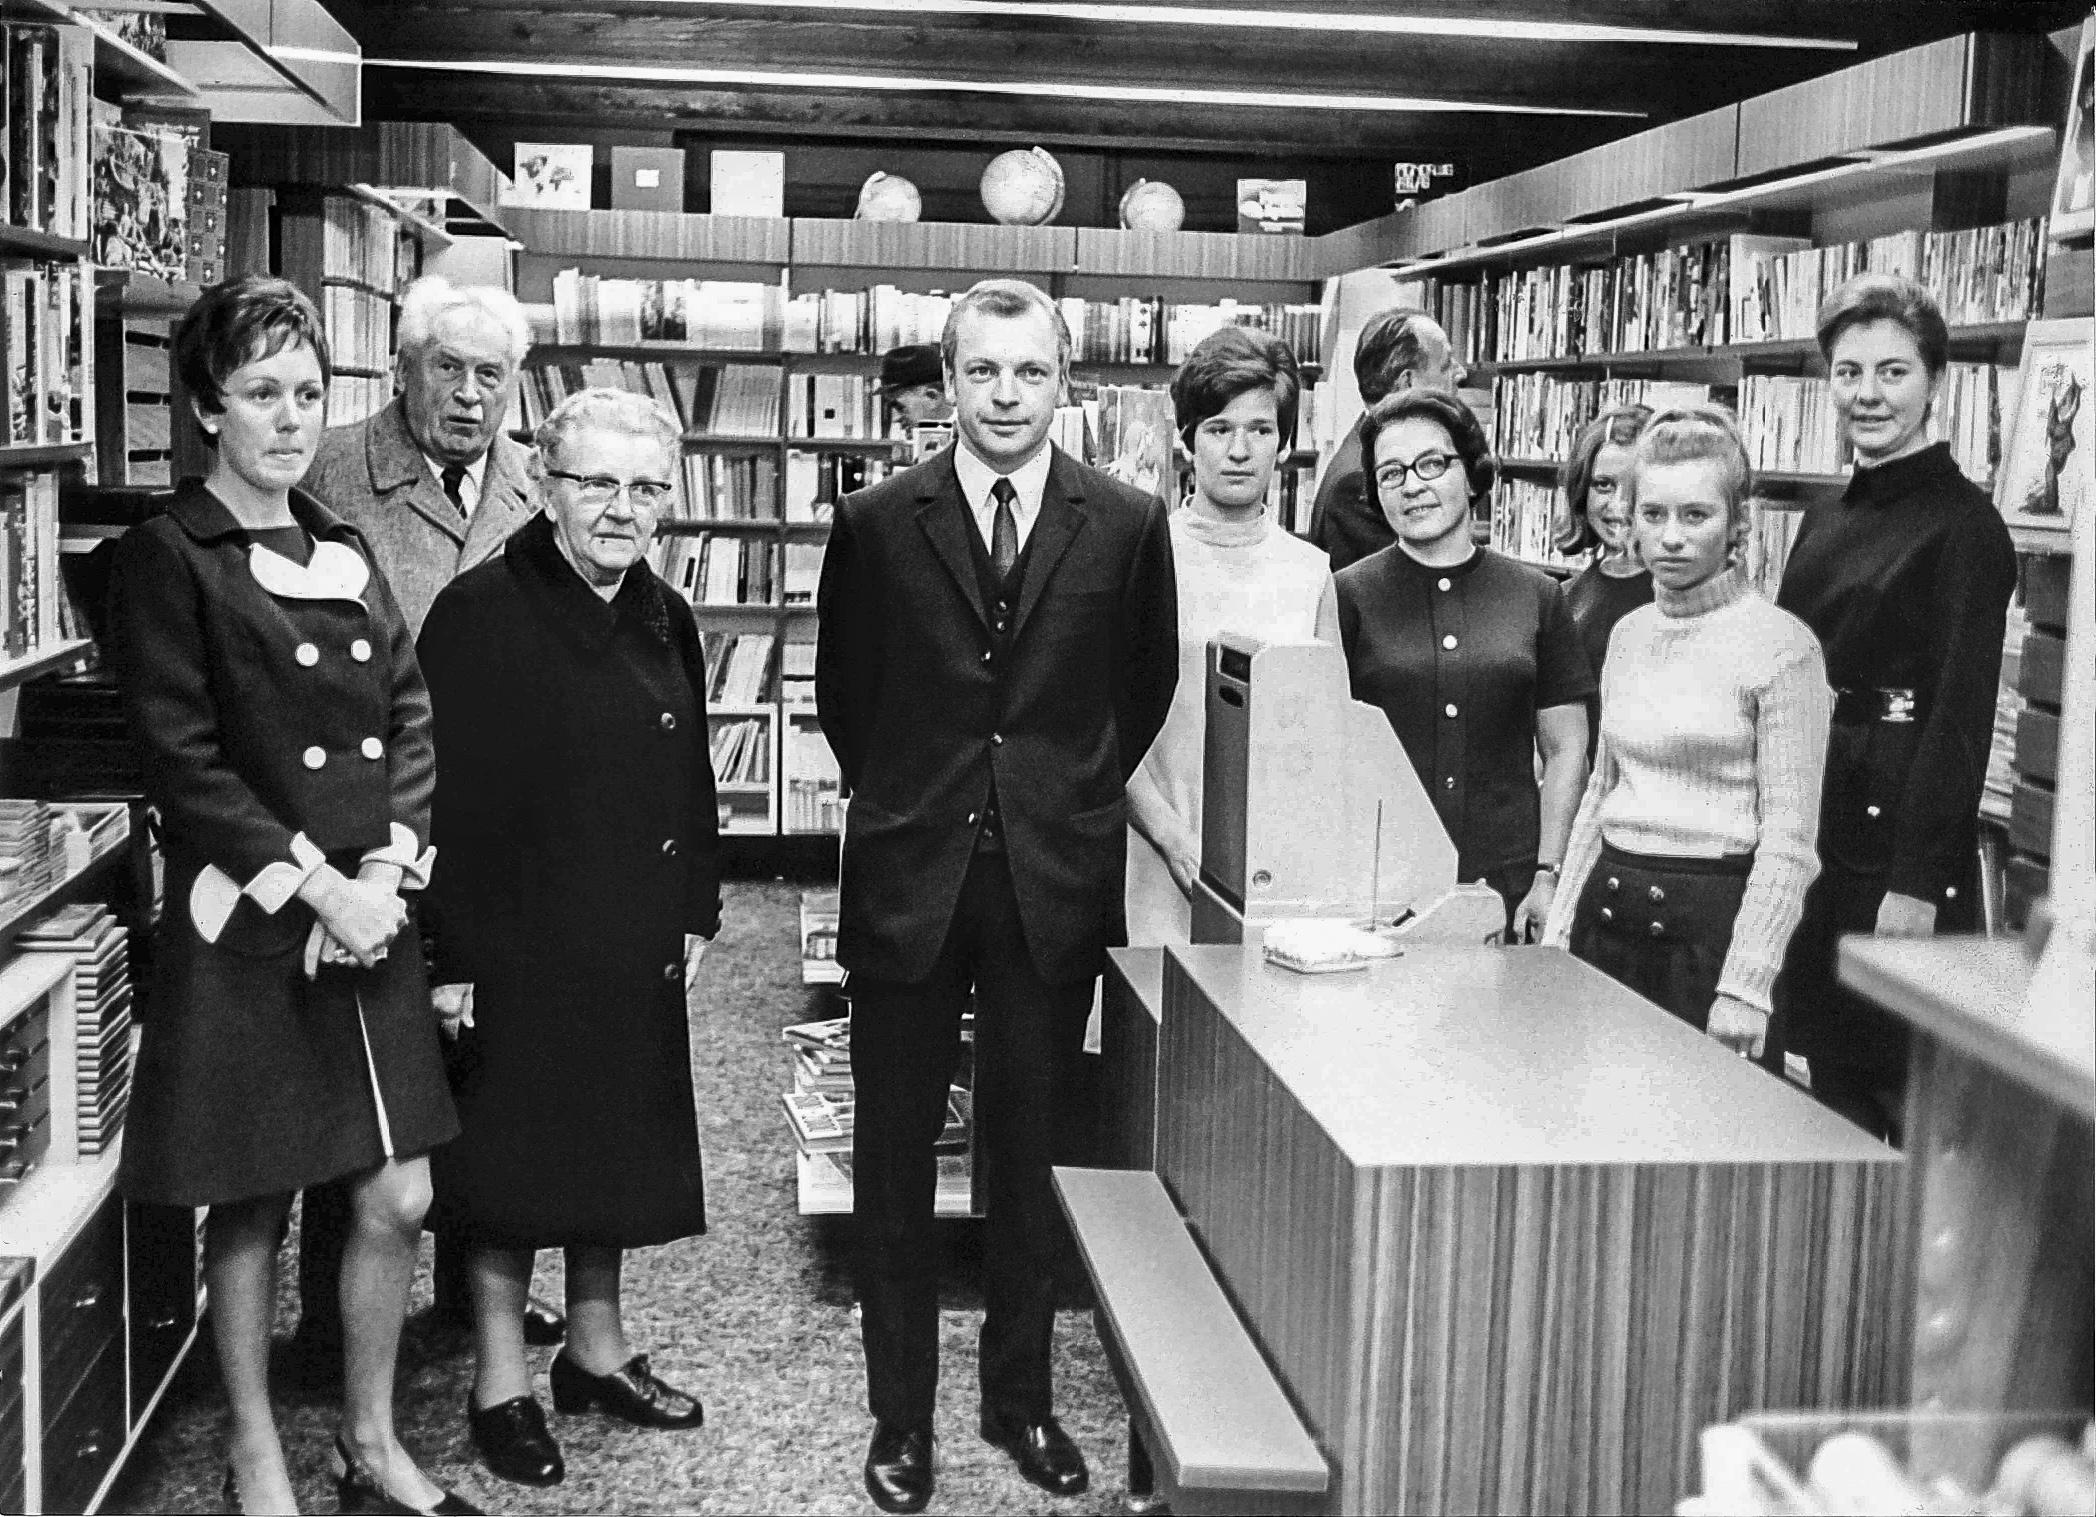 Pit Ernster et sa mère Claire Ernster-Kihn, alors âgée de 78 ans, lorsque la librairie emménage temporairement au 13 avenue de la Porte-Neuve (1969).